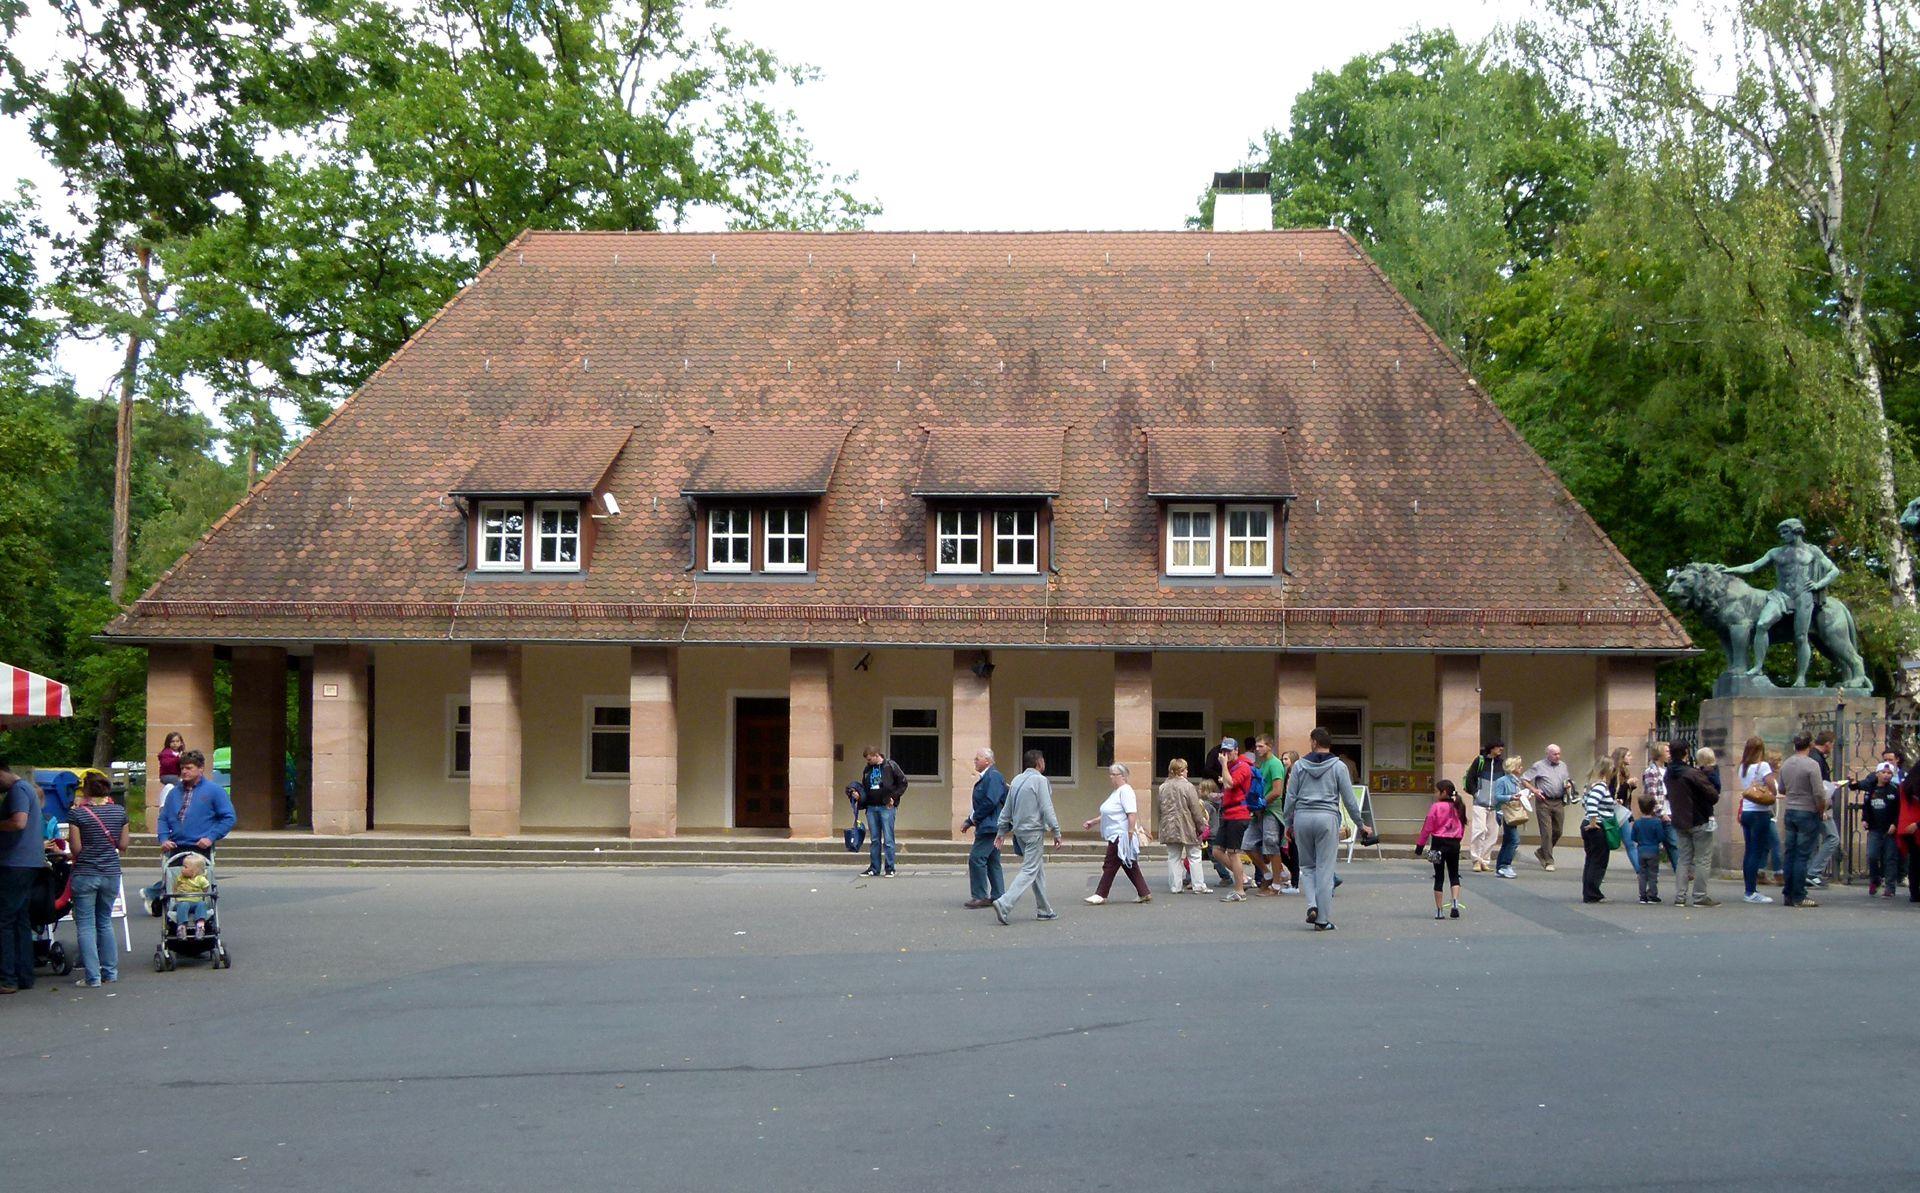 Tiergarten, Verwaltungsgebäude am Haupteingang Frontalansicht